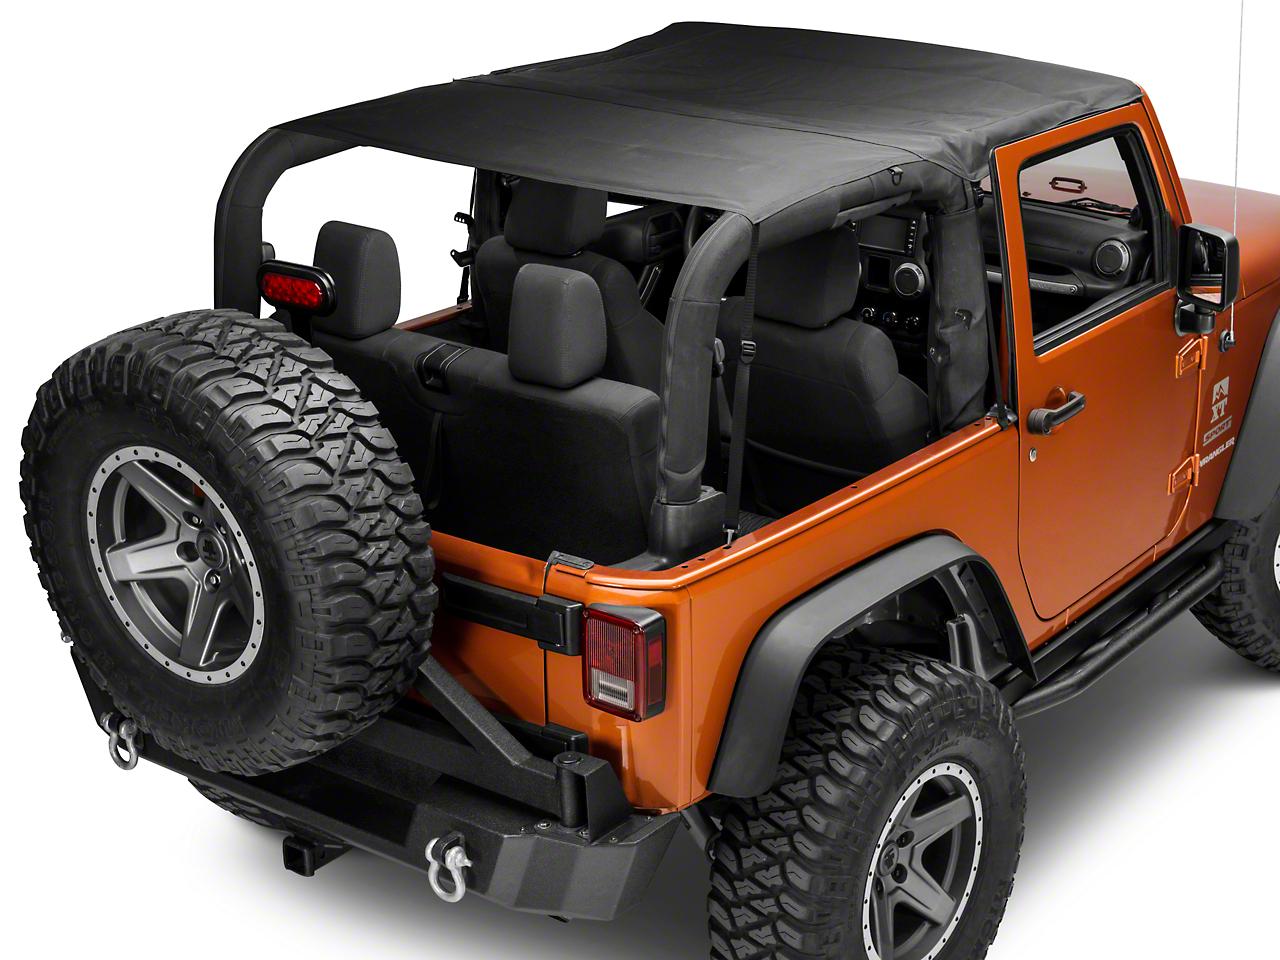 Smittybilt Extended Top - Black Diamond (07-09 Jeep Wrangler JK 2 Door)